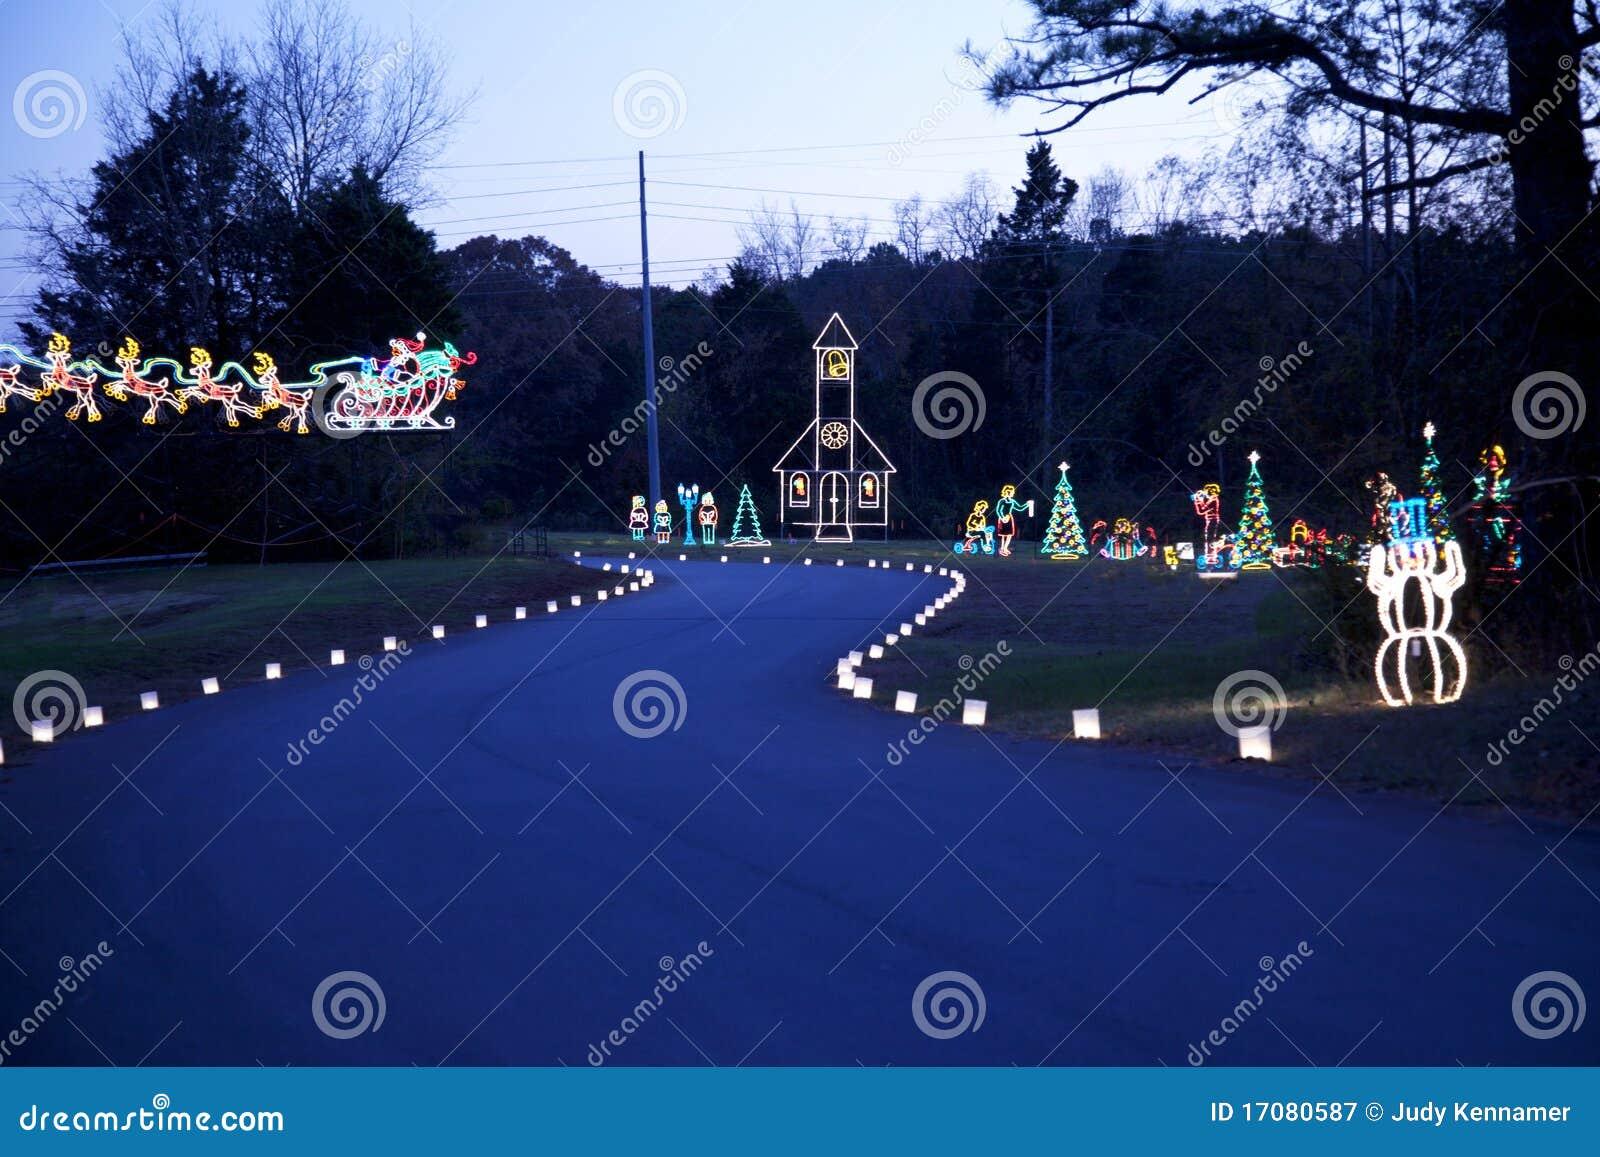 Dämmerung beleuchtete Feiertagsszene